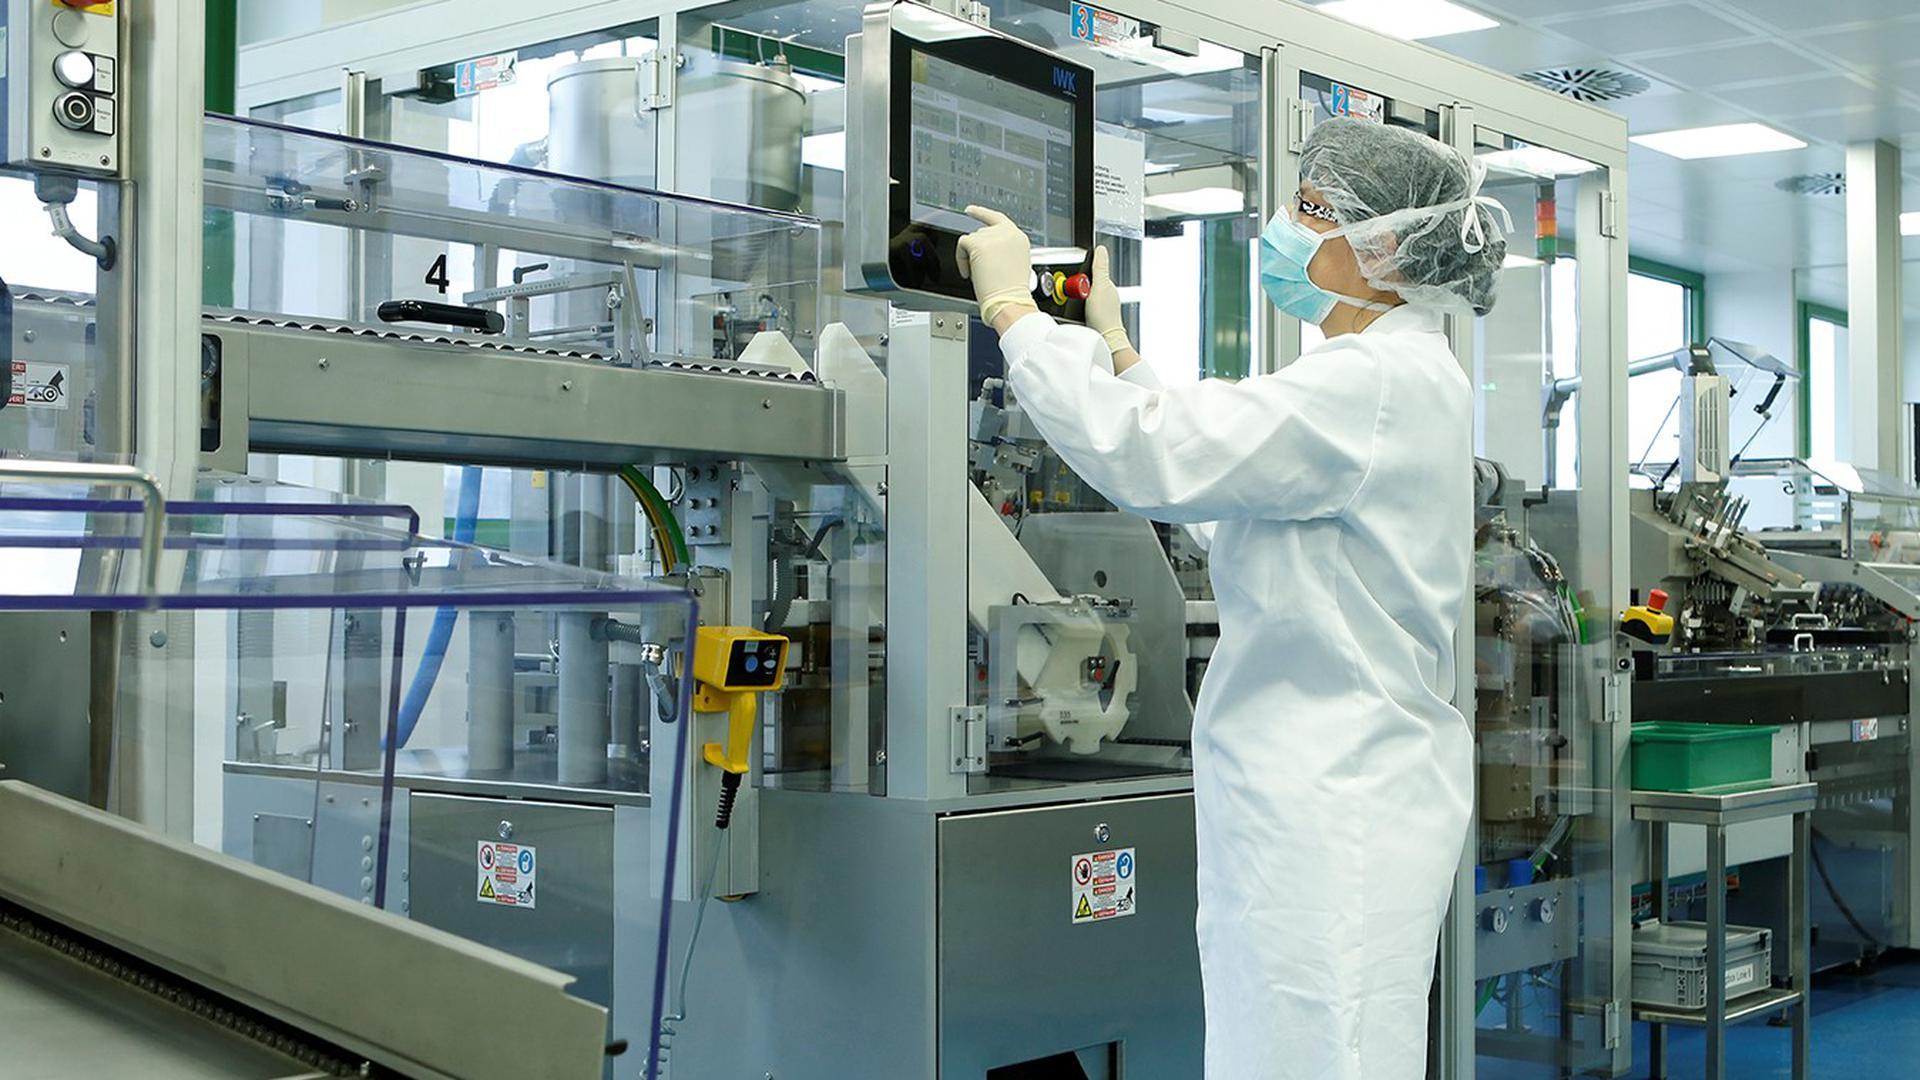 Eine Mitarbeiterin der Firma Heel produziert mit Knopfdruck Salbe. Weltweit vertreibt das Unternehmen Arzneimittel in 50 Ländern.